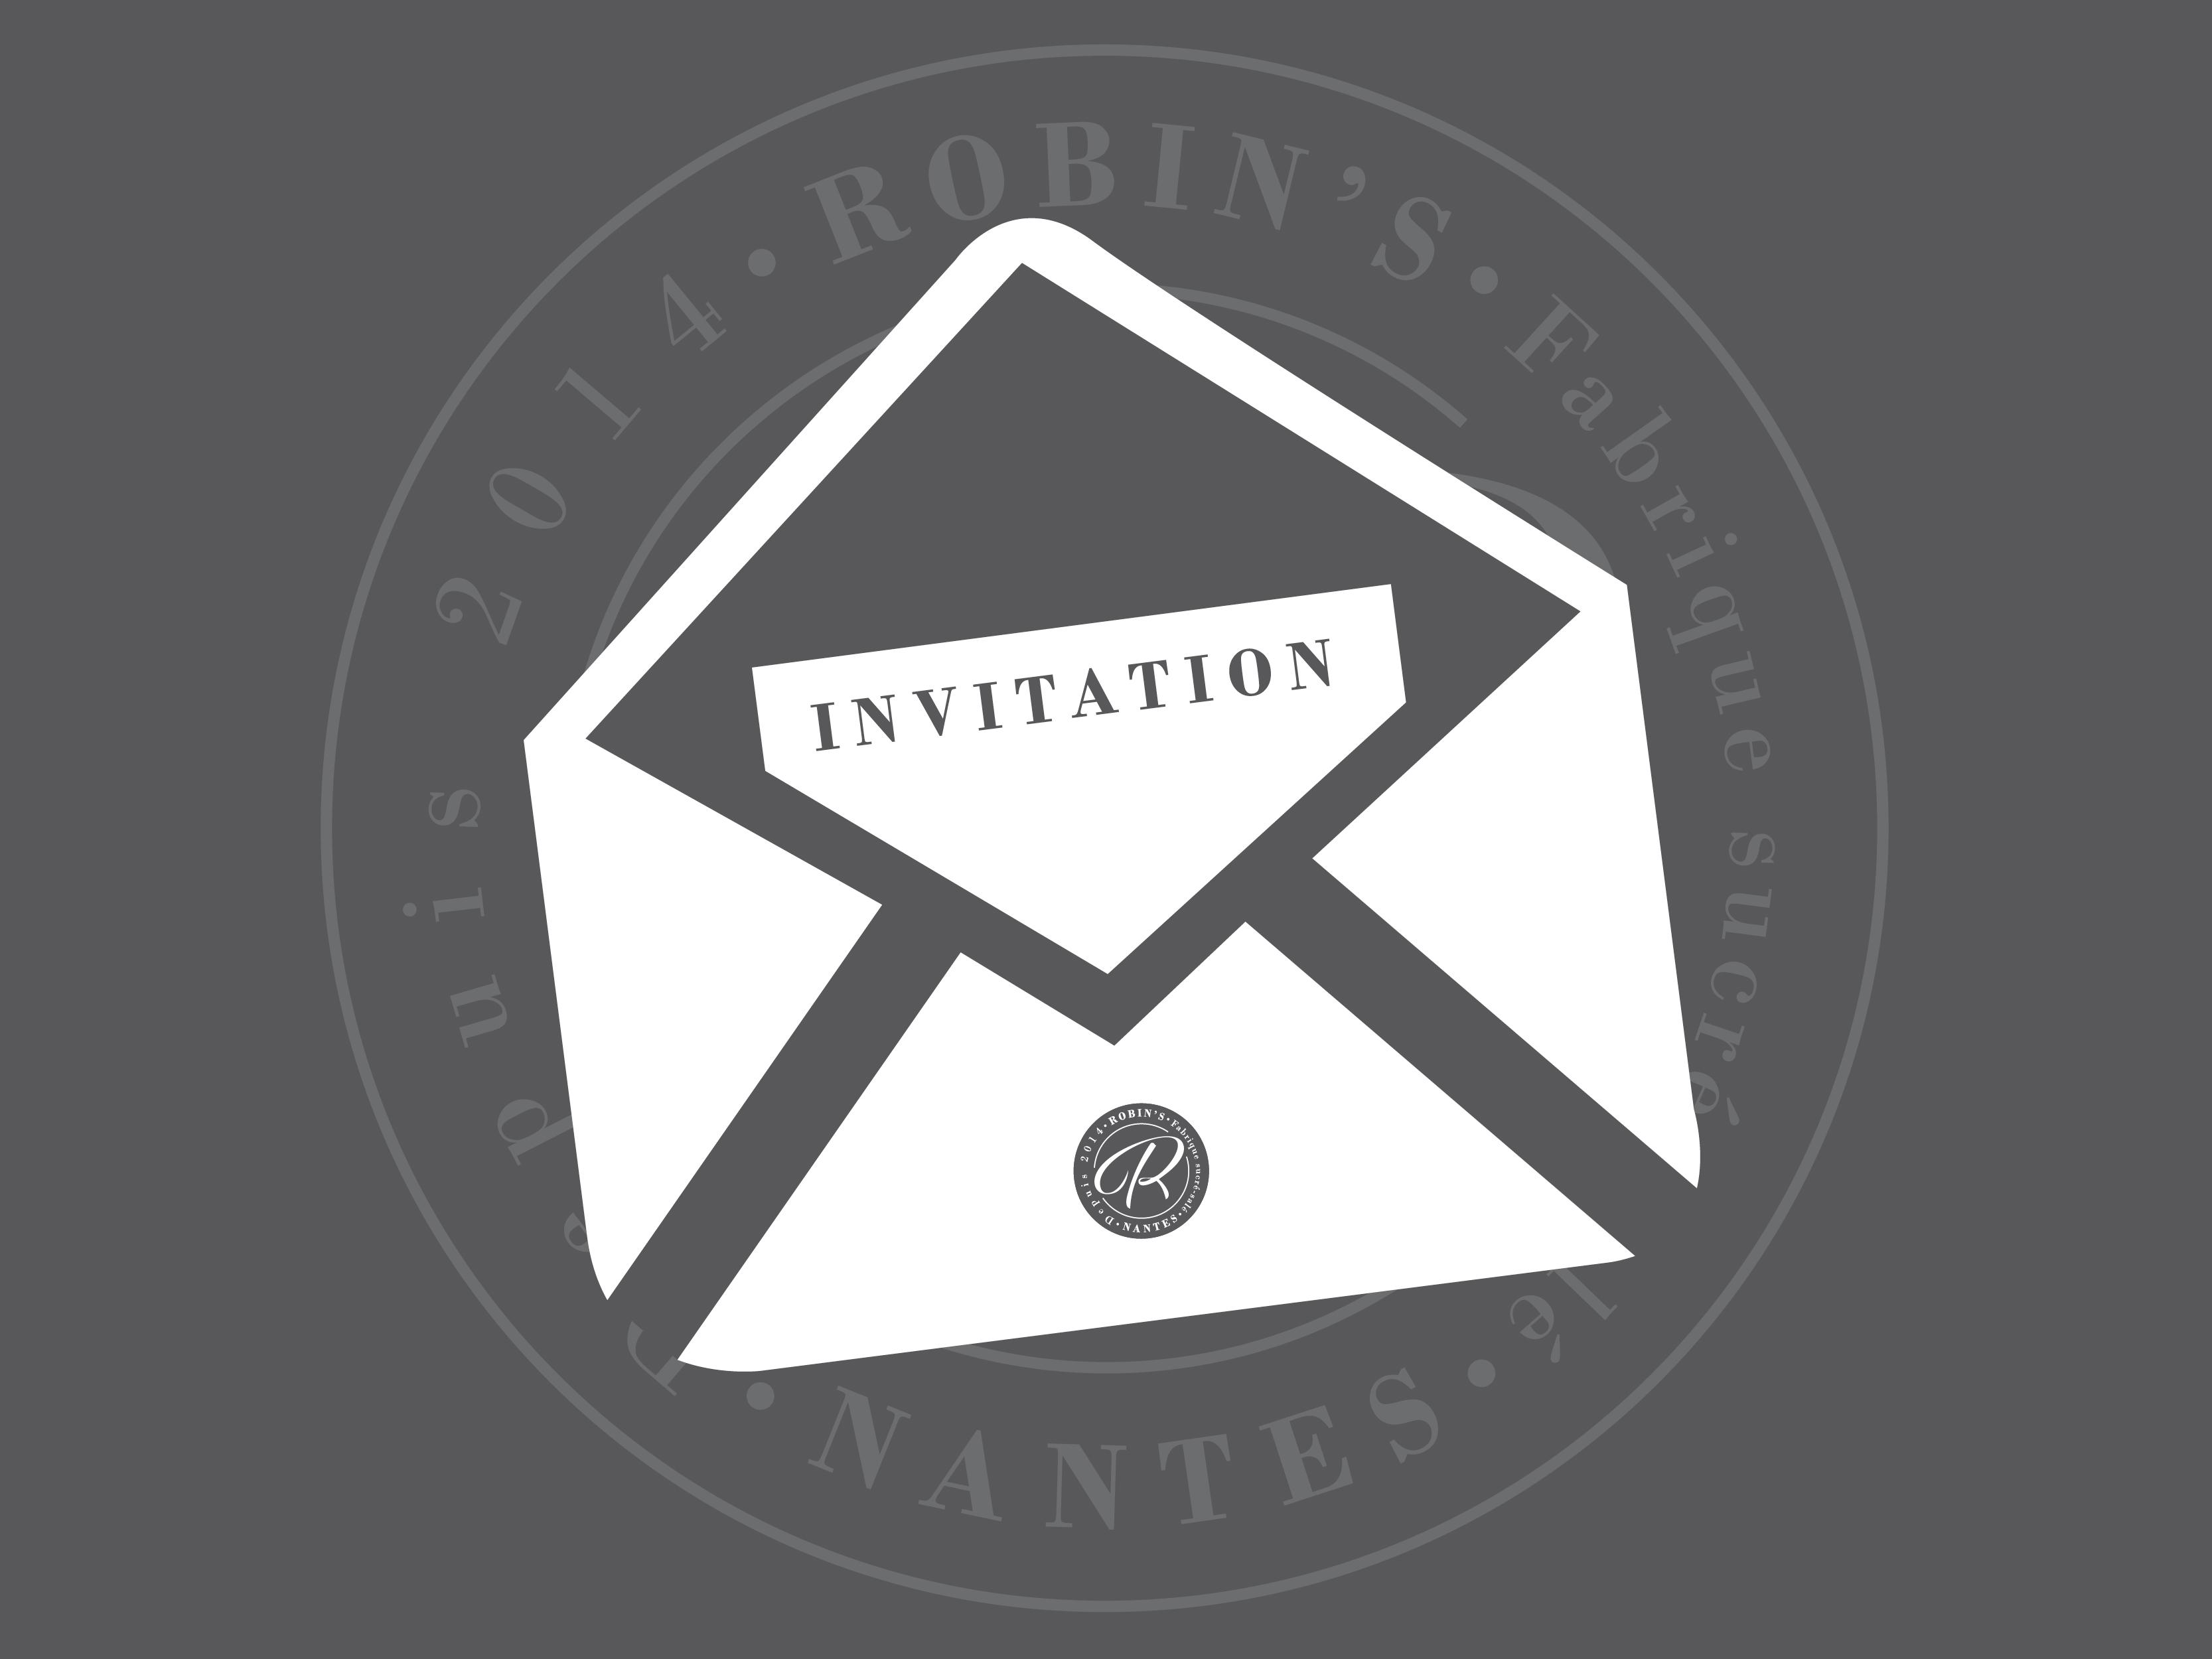 2.Invitation-1409130419.jpg